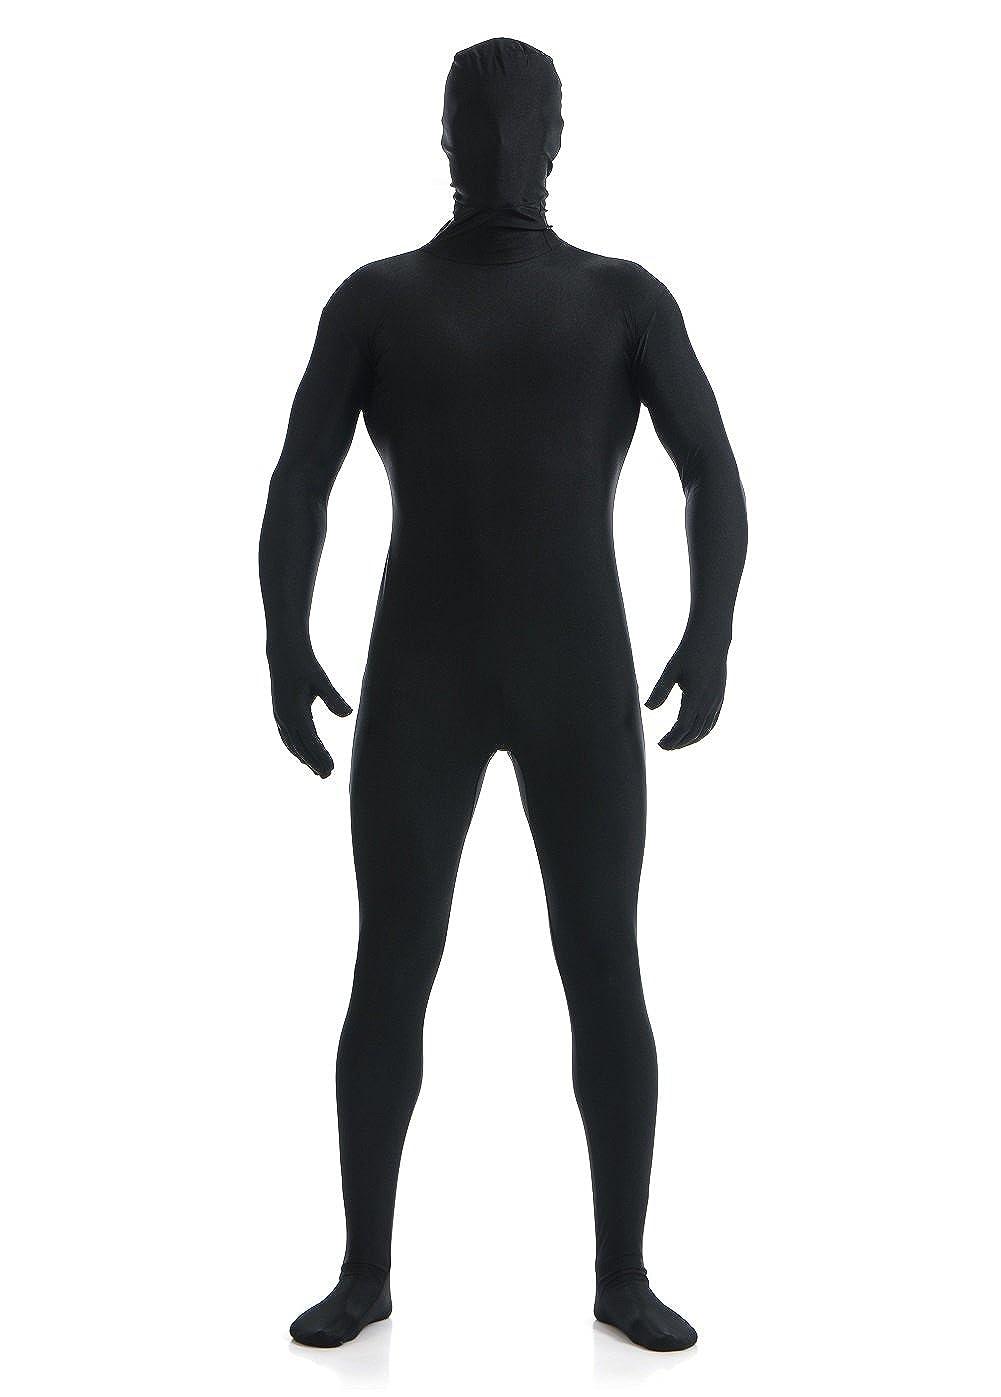 Halloween Costumes Women Men Teen Kids Unisex Black Bodysuit Full Zentai Lycra Spandex Suit for Cosplay Halloween